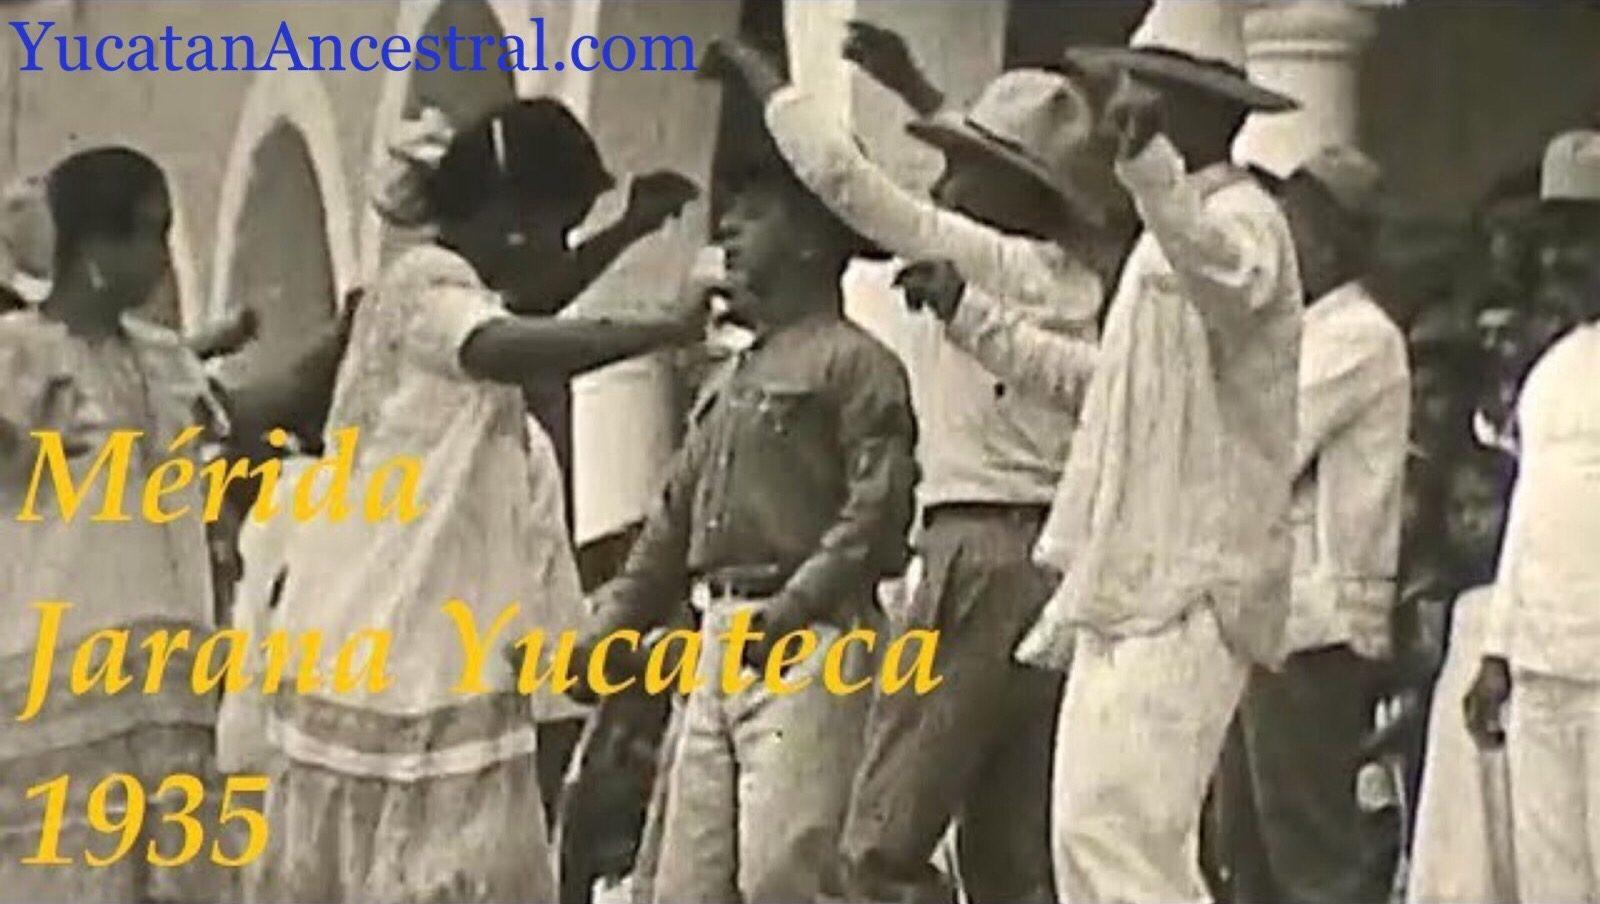 Bailadores de Jarana Yucateca 1935